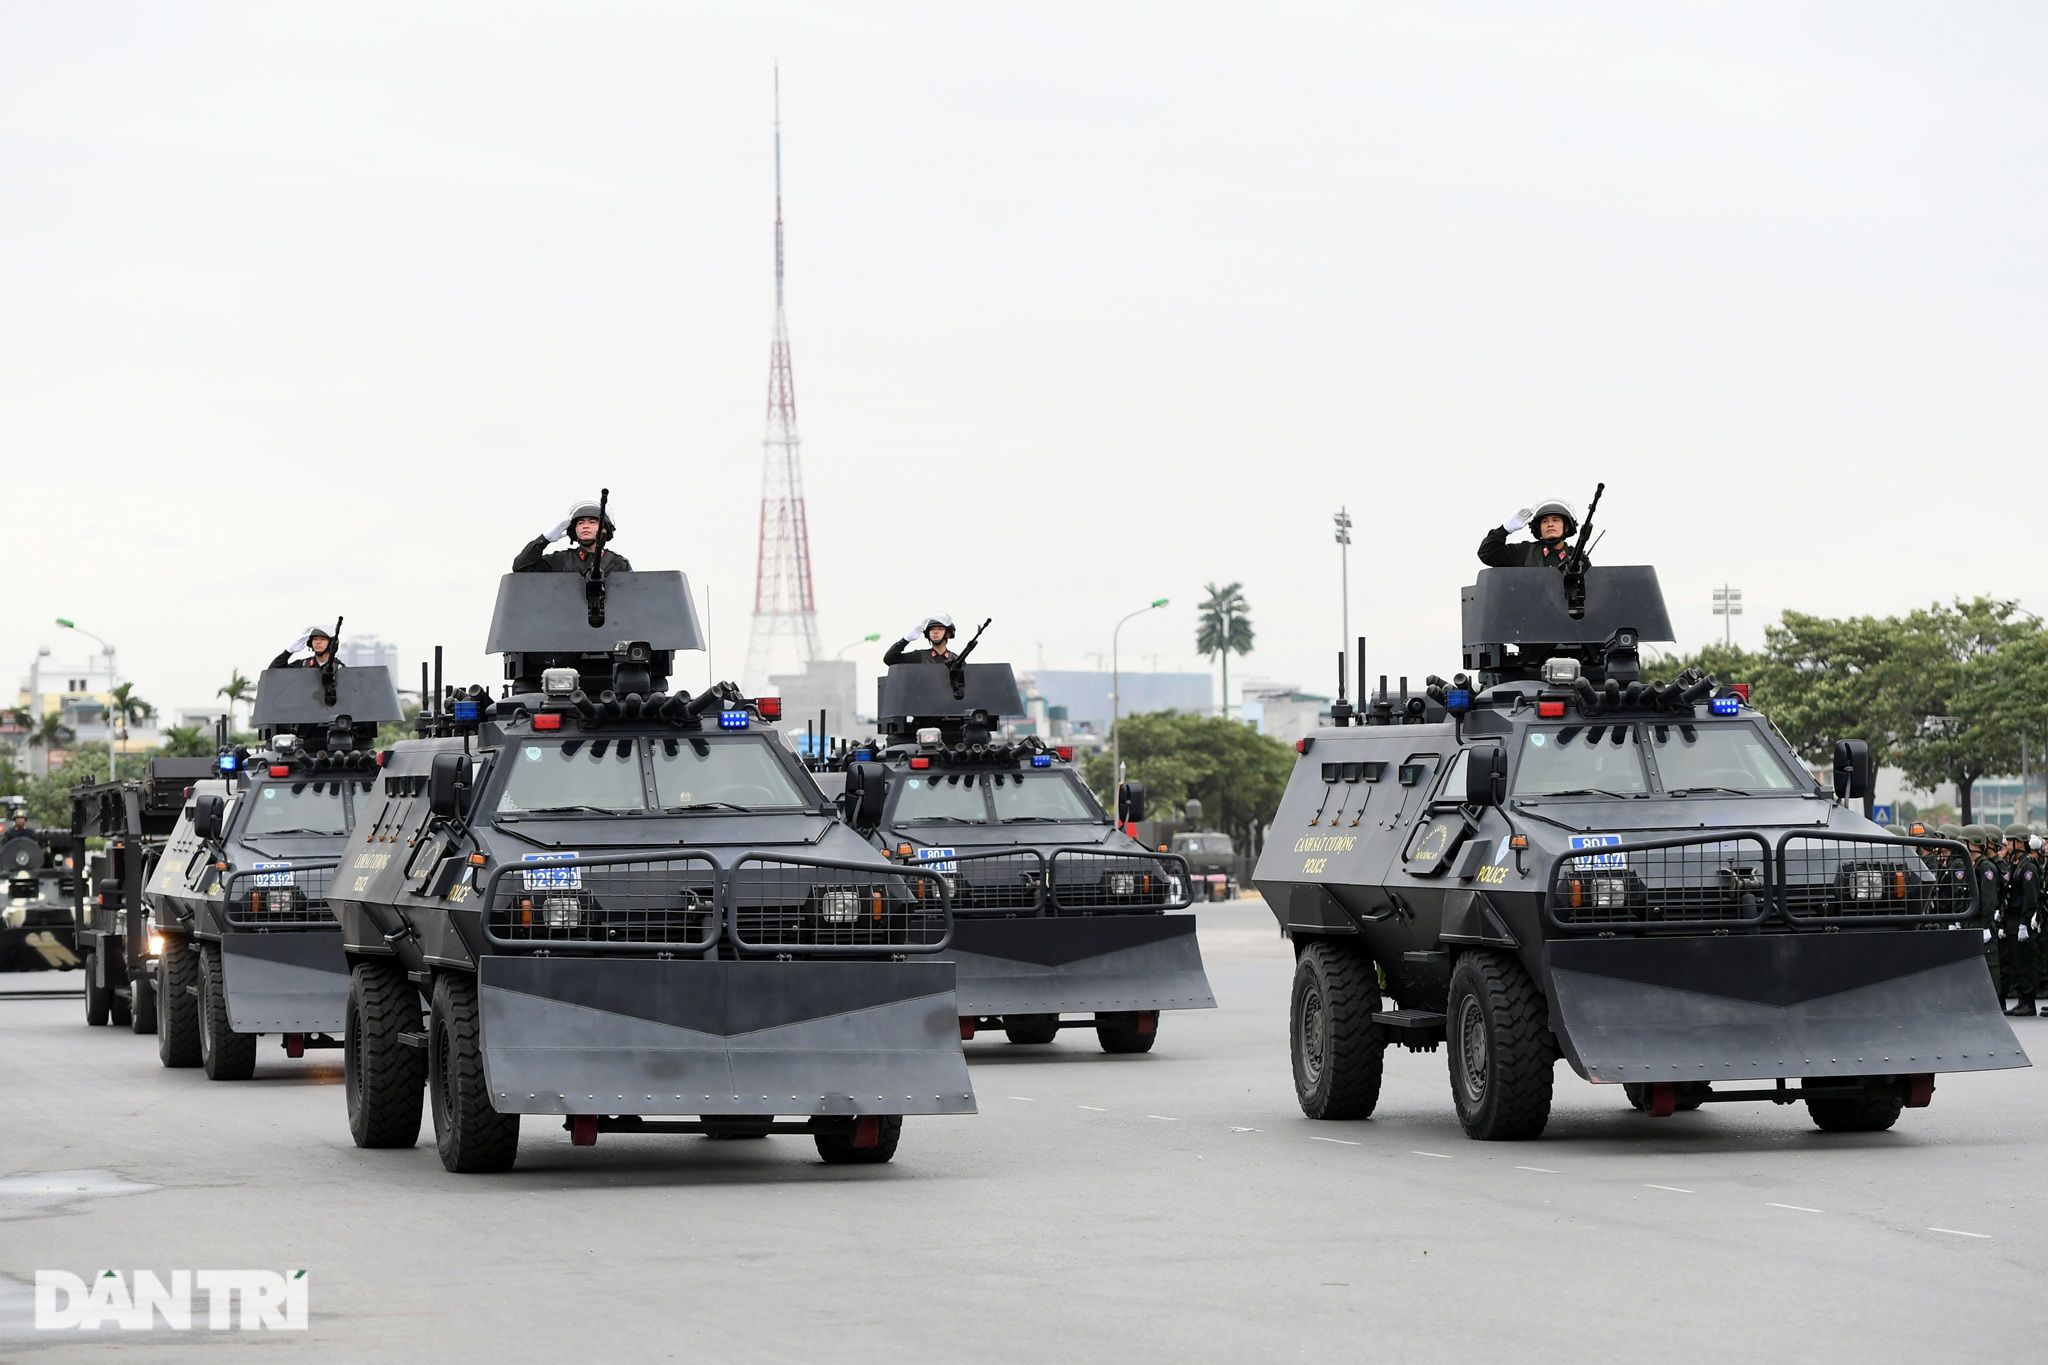 Dàn khí tài đặc chủng tham gia diễn tập bảo vệ Đại hội Đảng toàn quốc - 9